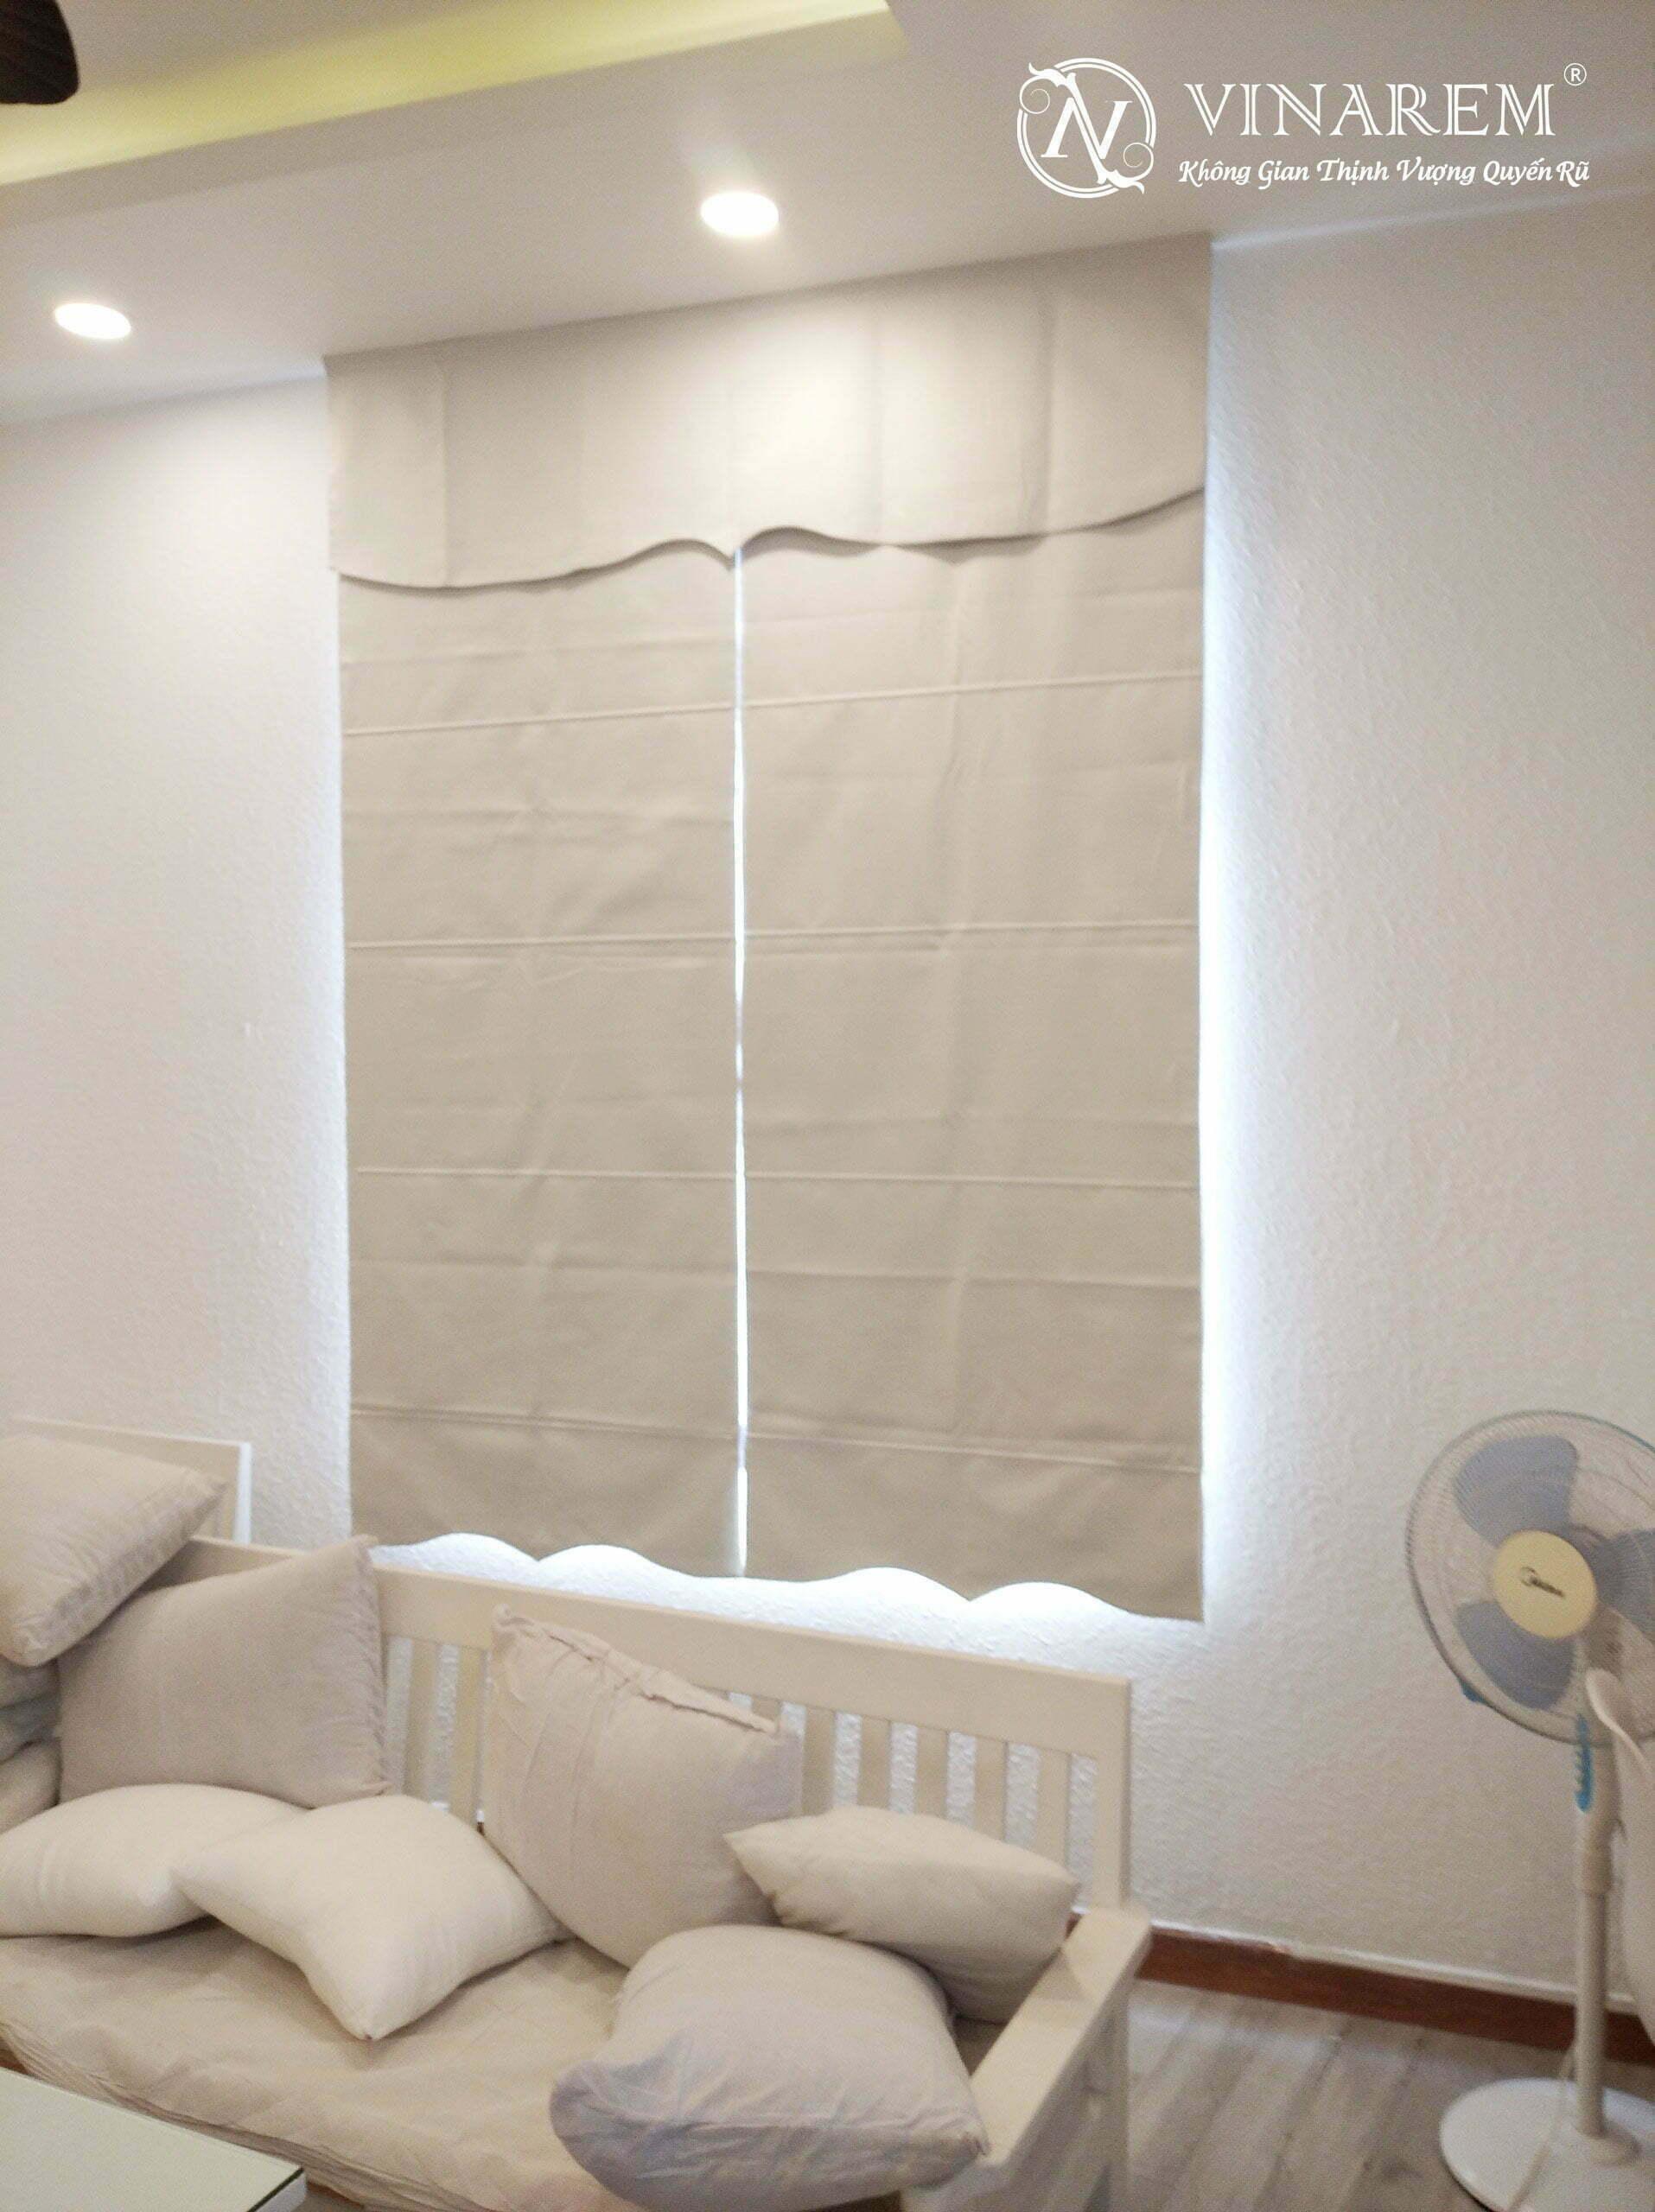 Rèm roman màu trắng cho cửa sổ | Vinarem